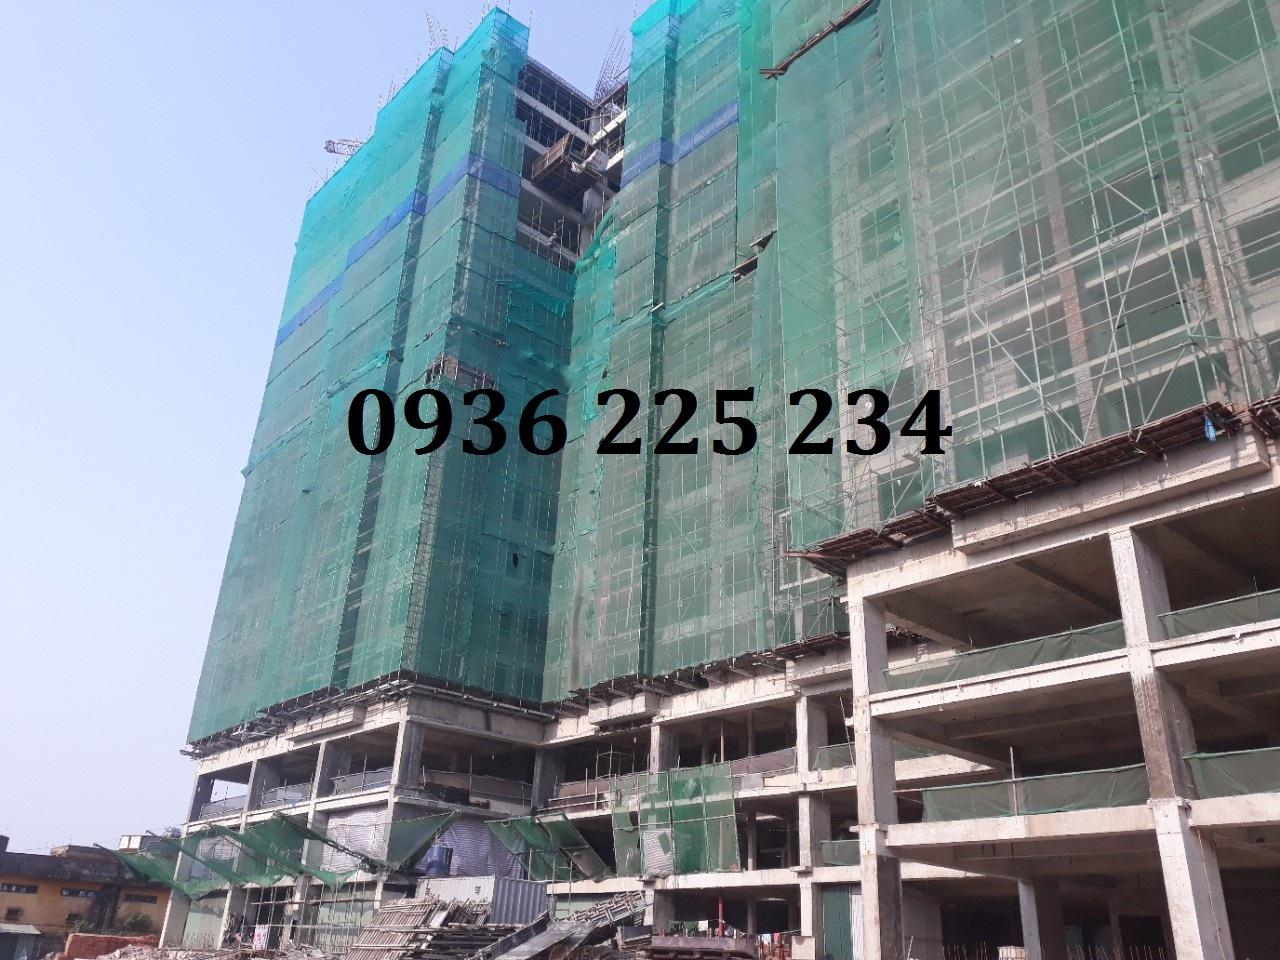 Cập nhật hình ảnh xây dựng công trường tại Chung cư Sky Central